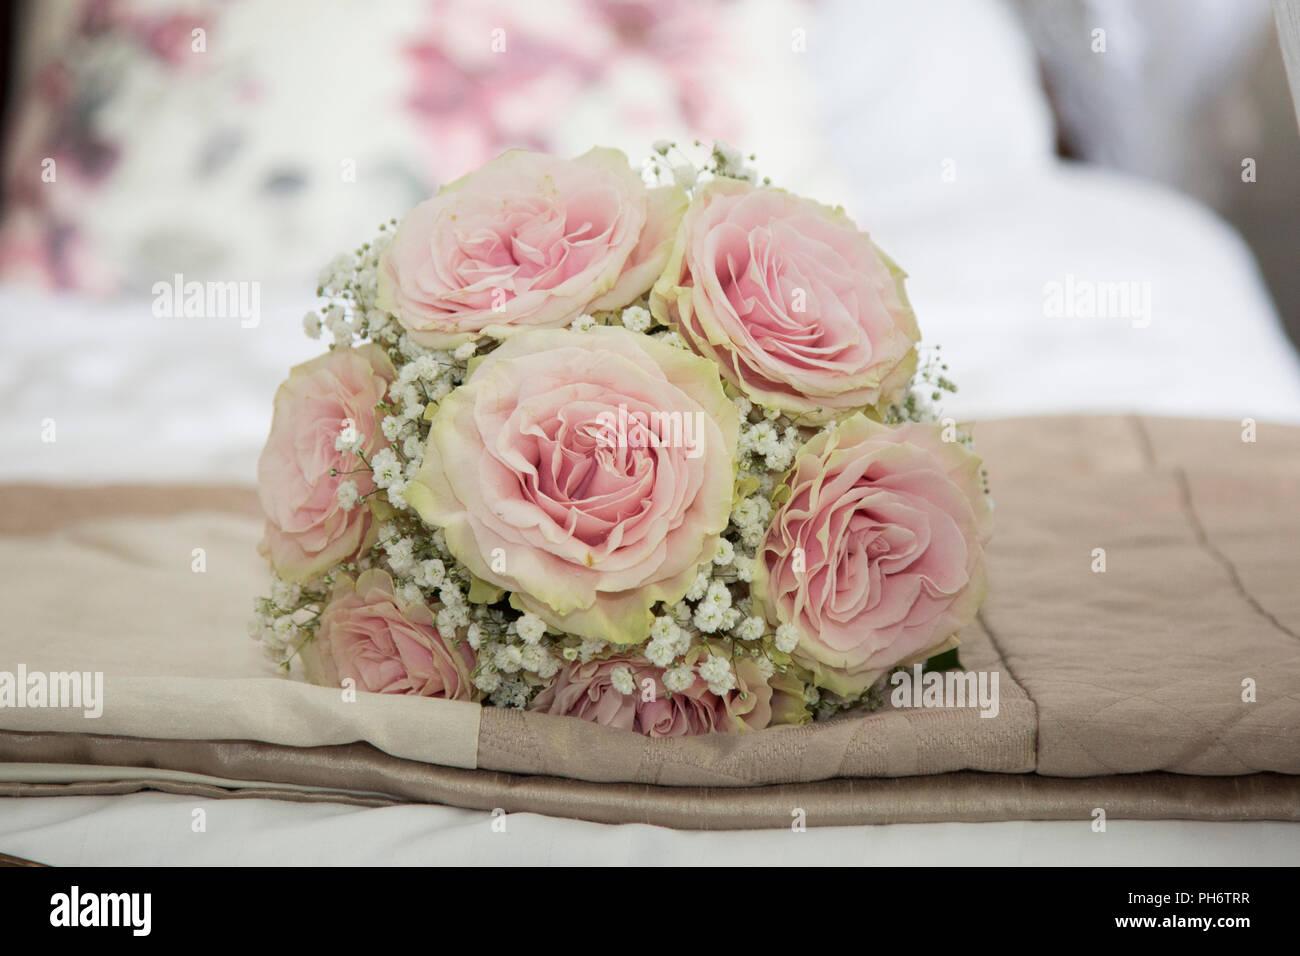 Matrimonio In Rosa : Brides rosa rosa bouquet di nozze il giorno del matrimonio foto